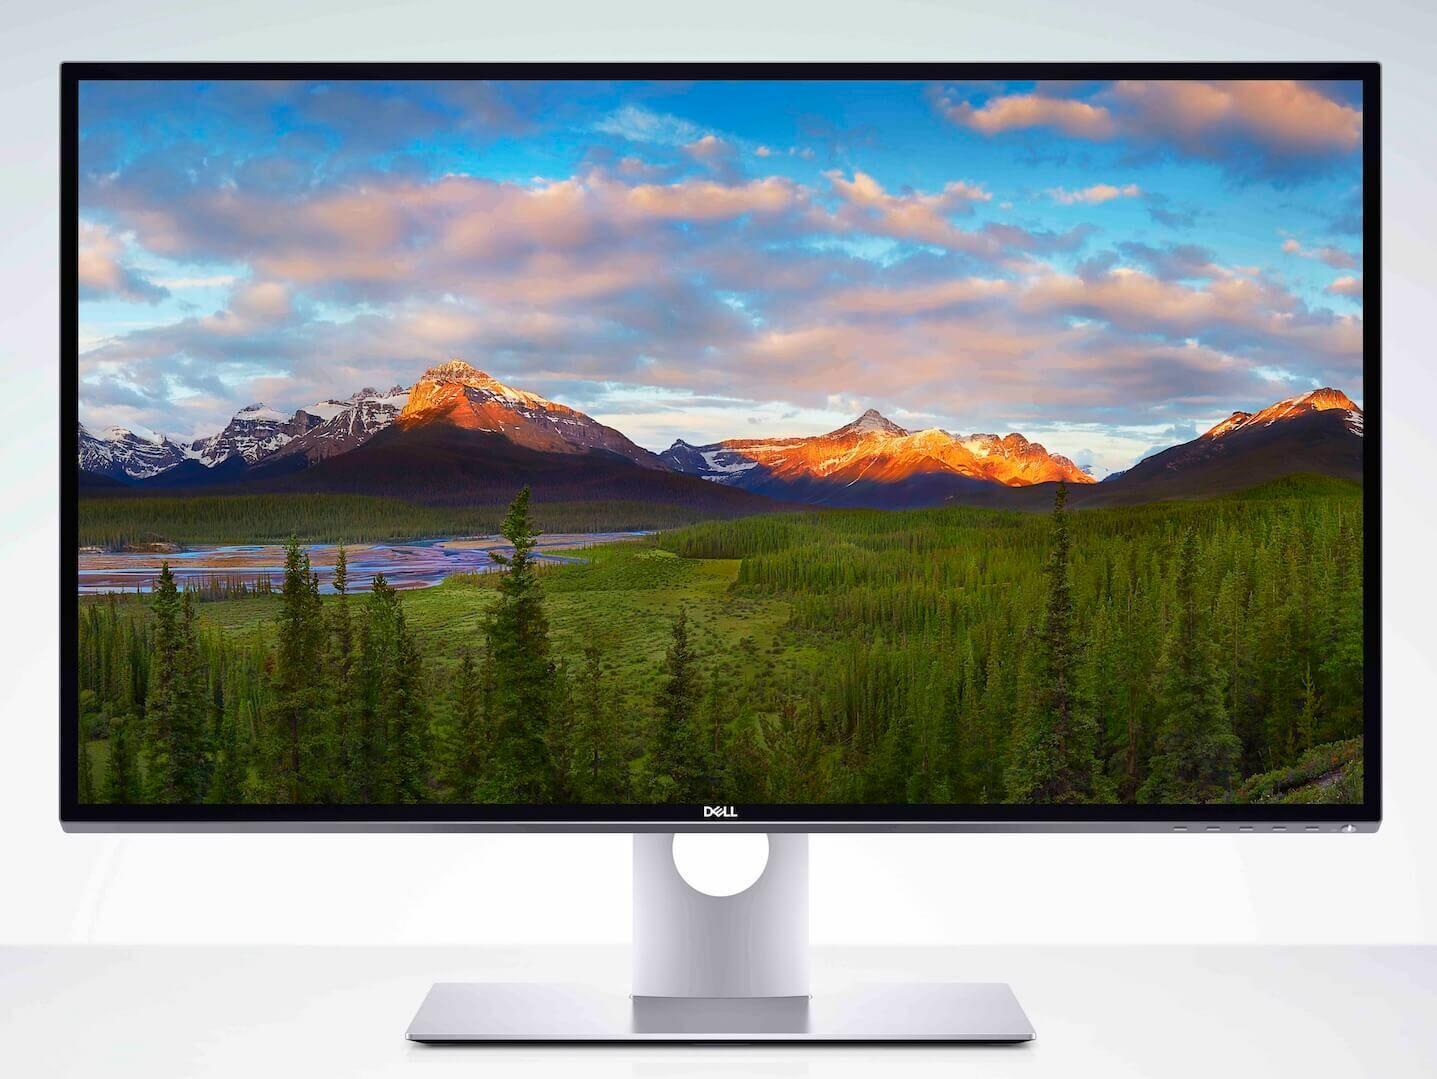 Dell 8k Monitor 5